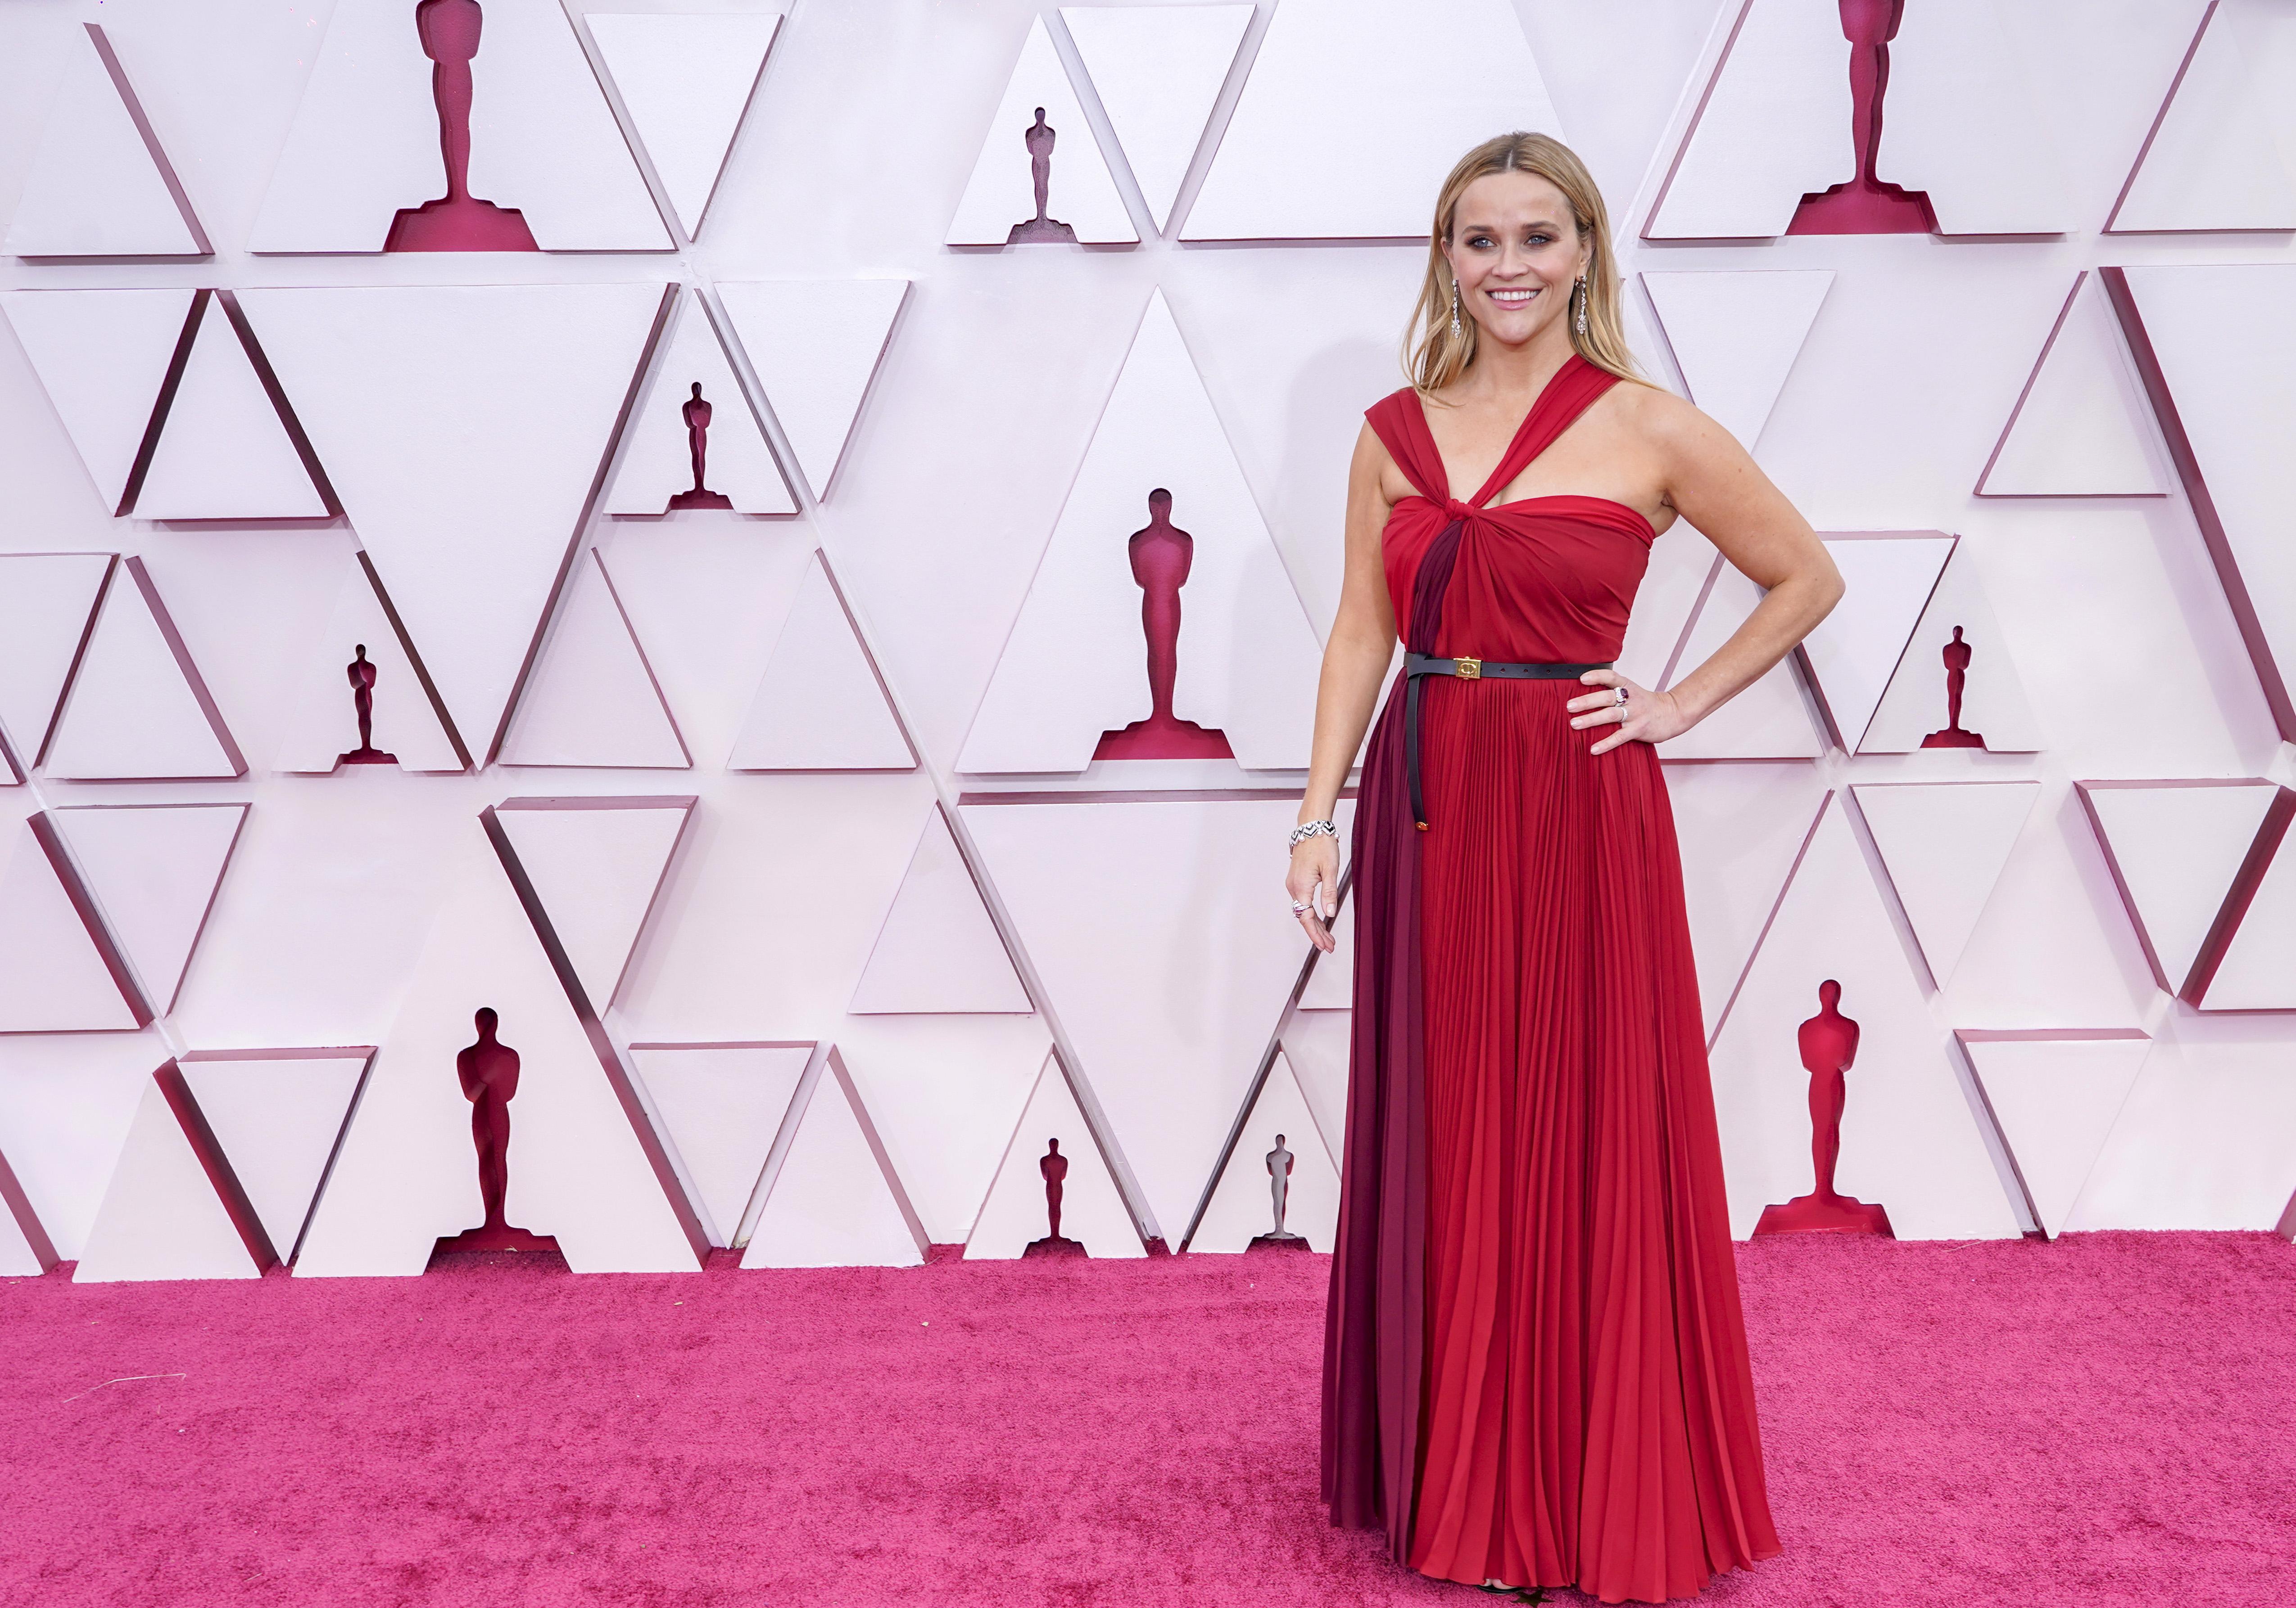 Reese é uma mulher branca, loira, com um vestido em vários tons de vermelho com a cintura marcada por um cinto preto